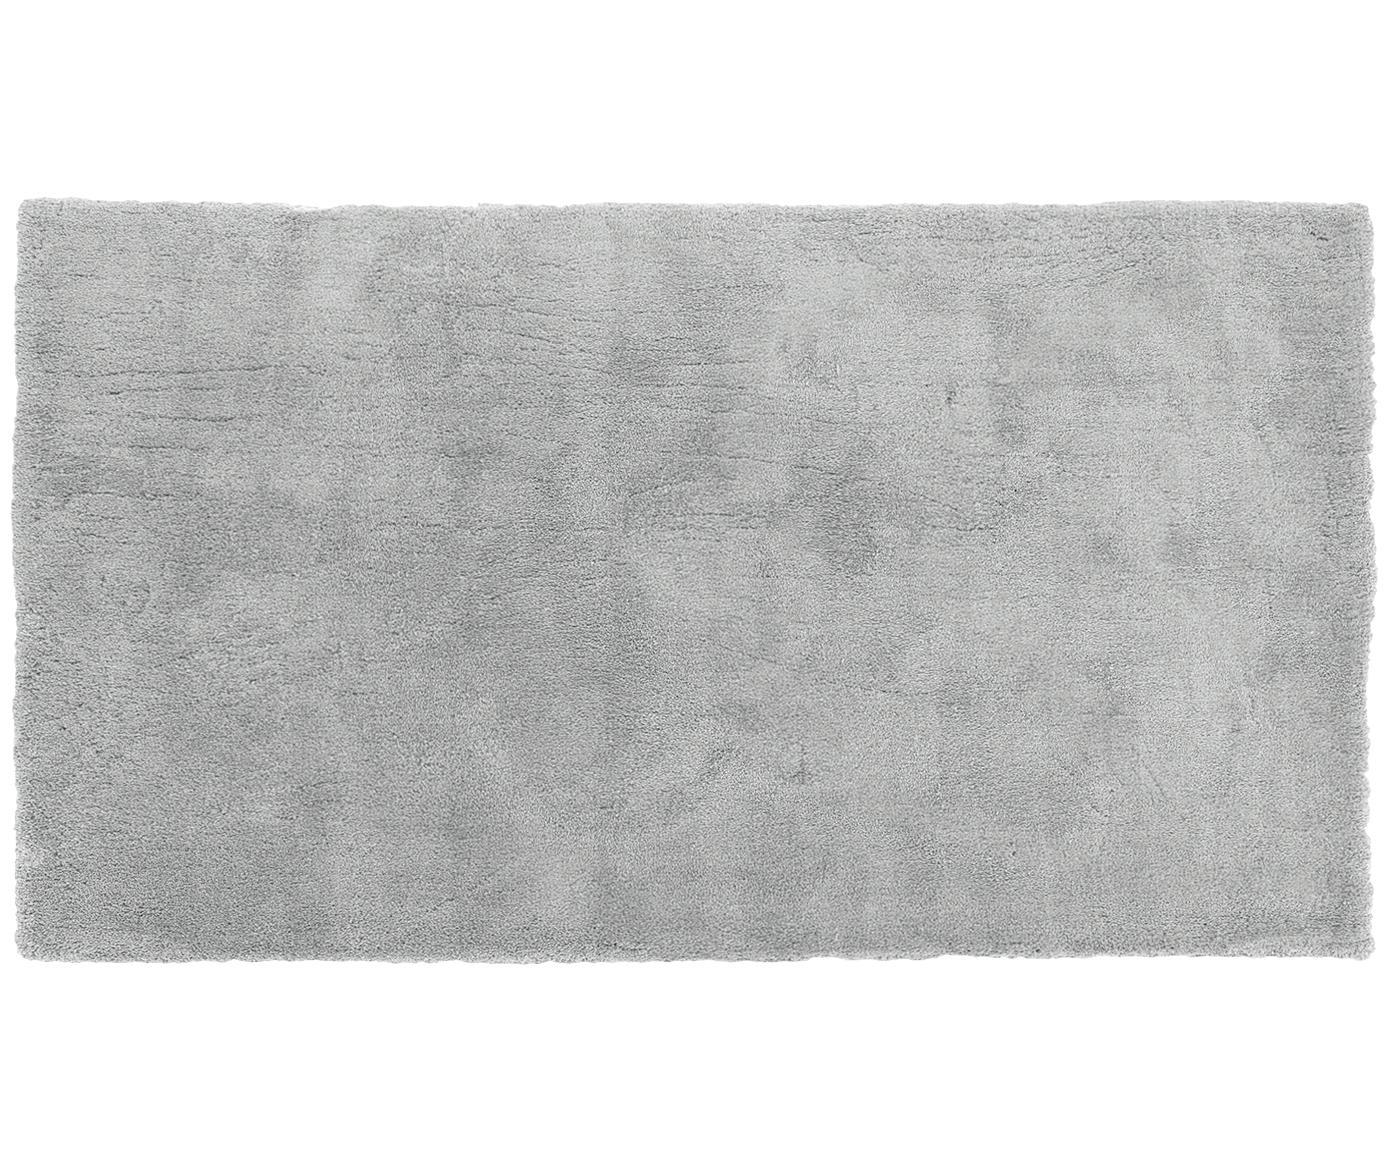 Puszysty dywan z wysokim stosem Leighton, Szary, S 160 x D 230 cm (Rozmiar M)